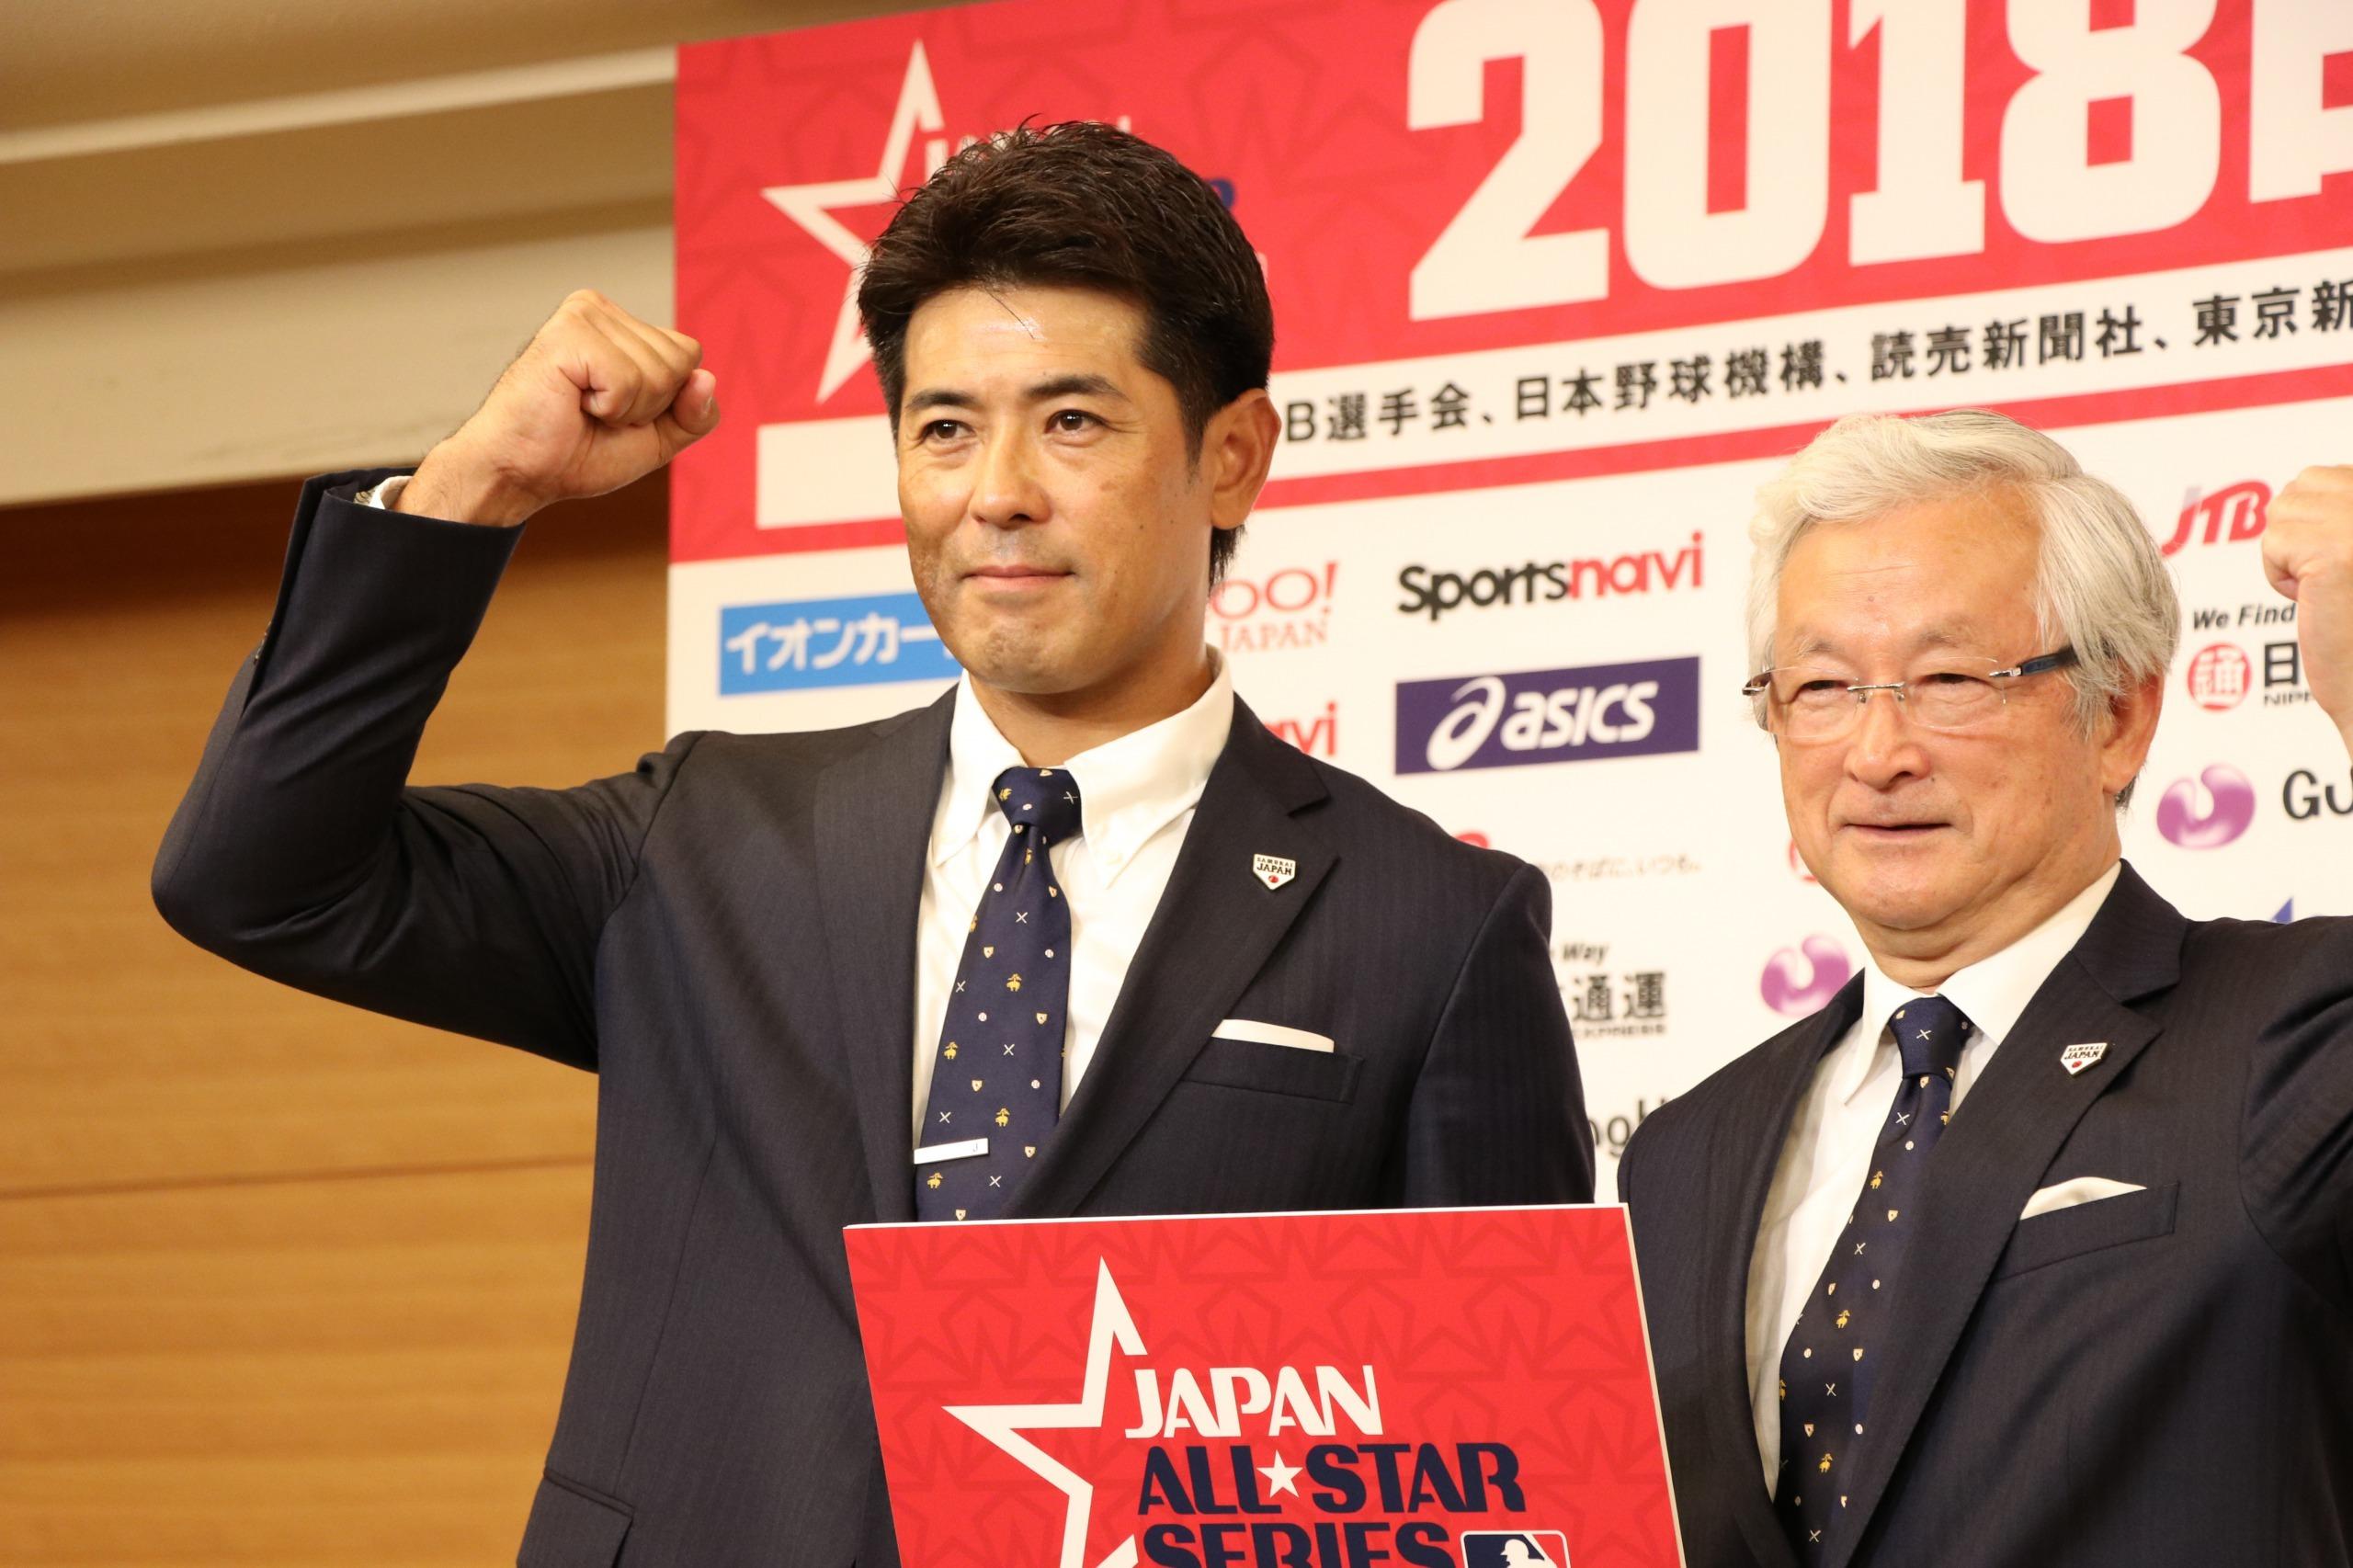 2020年の東京五輪へ向けて、「戦いはもう始まっている」と決意を表明した稲葉監督(左)